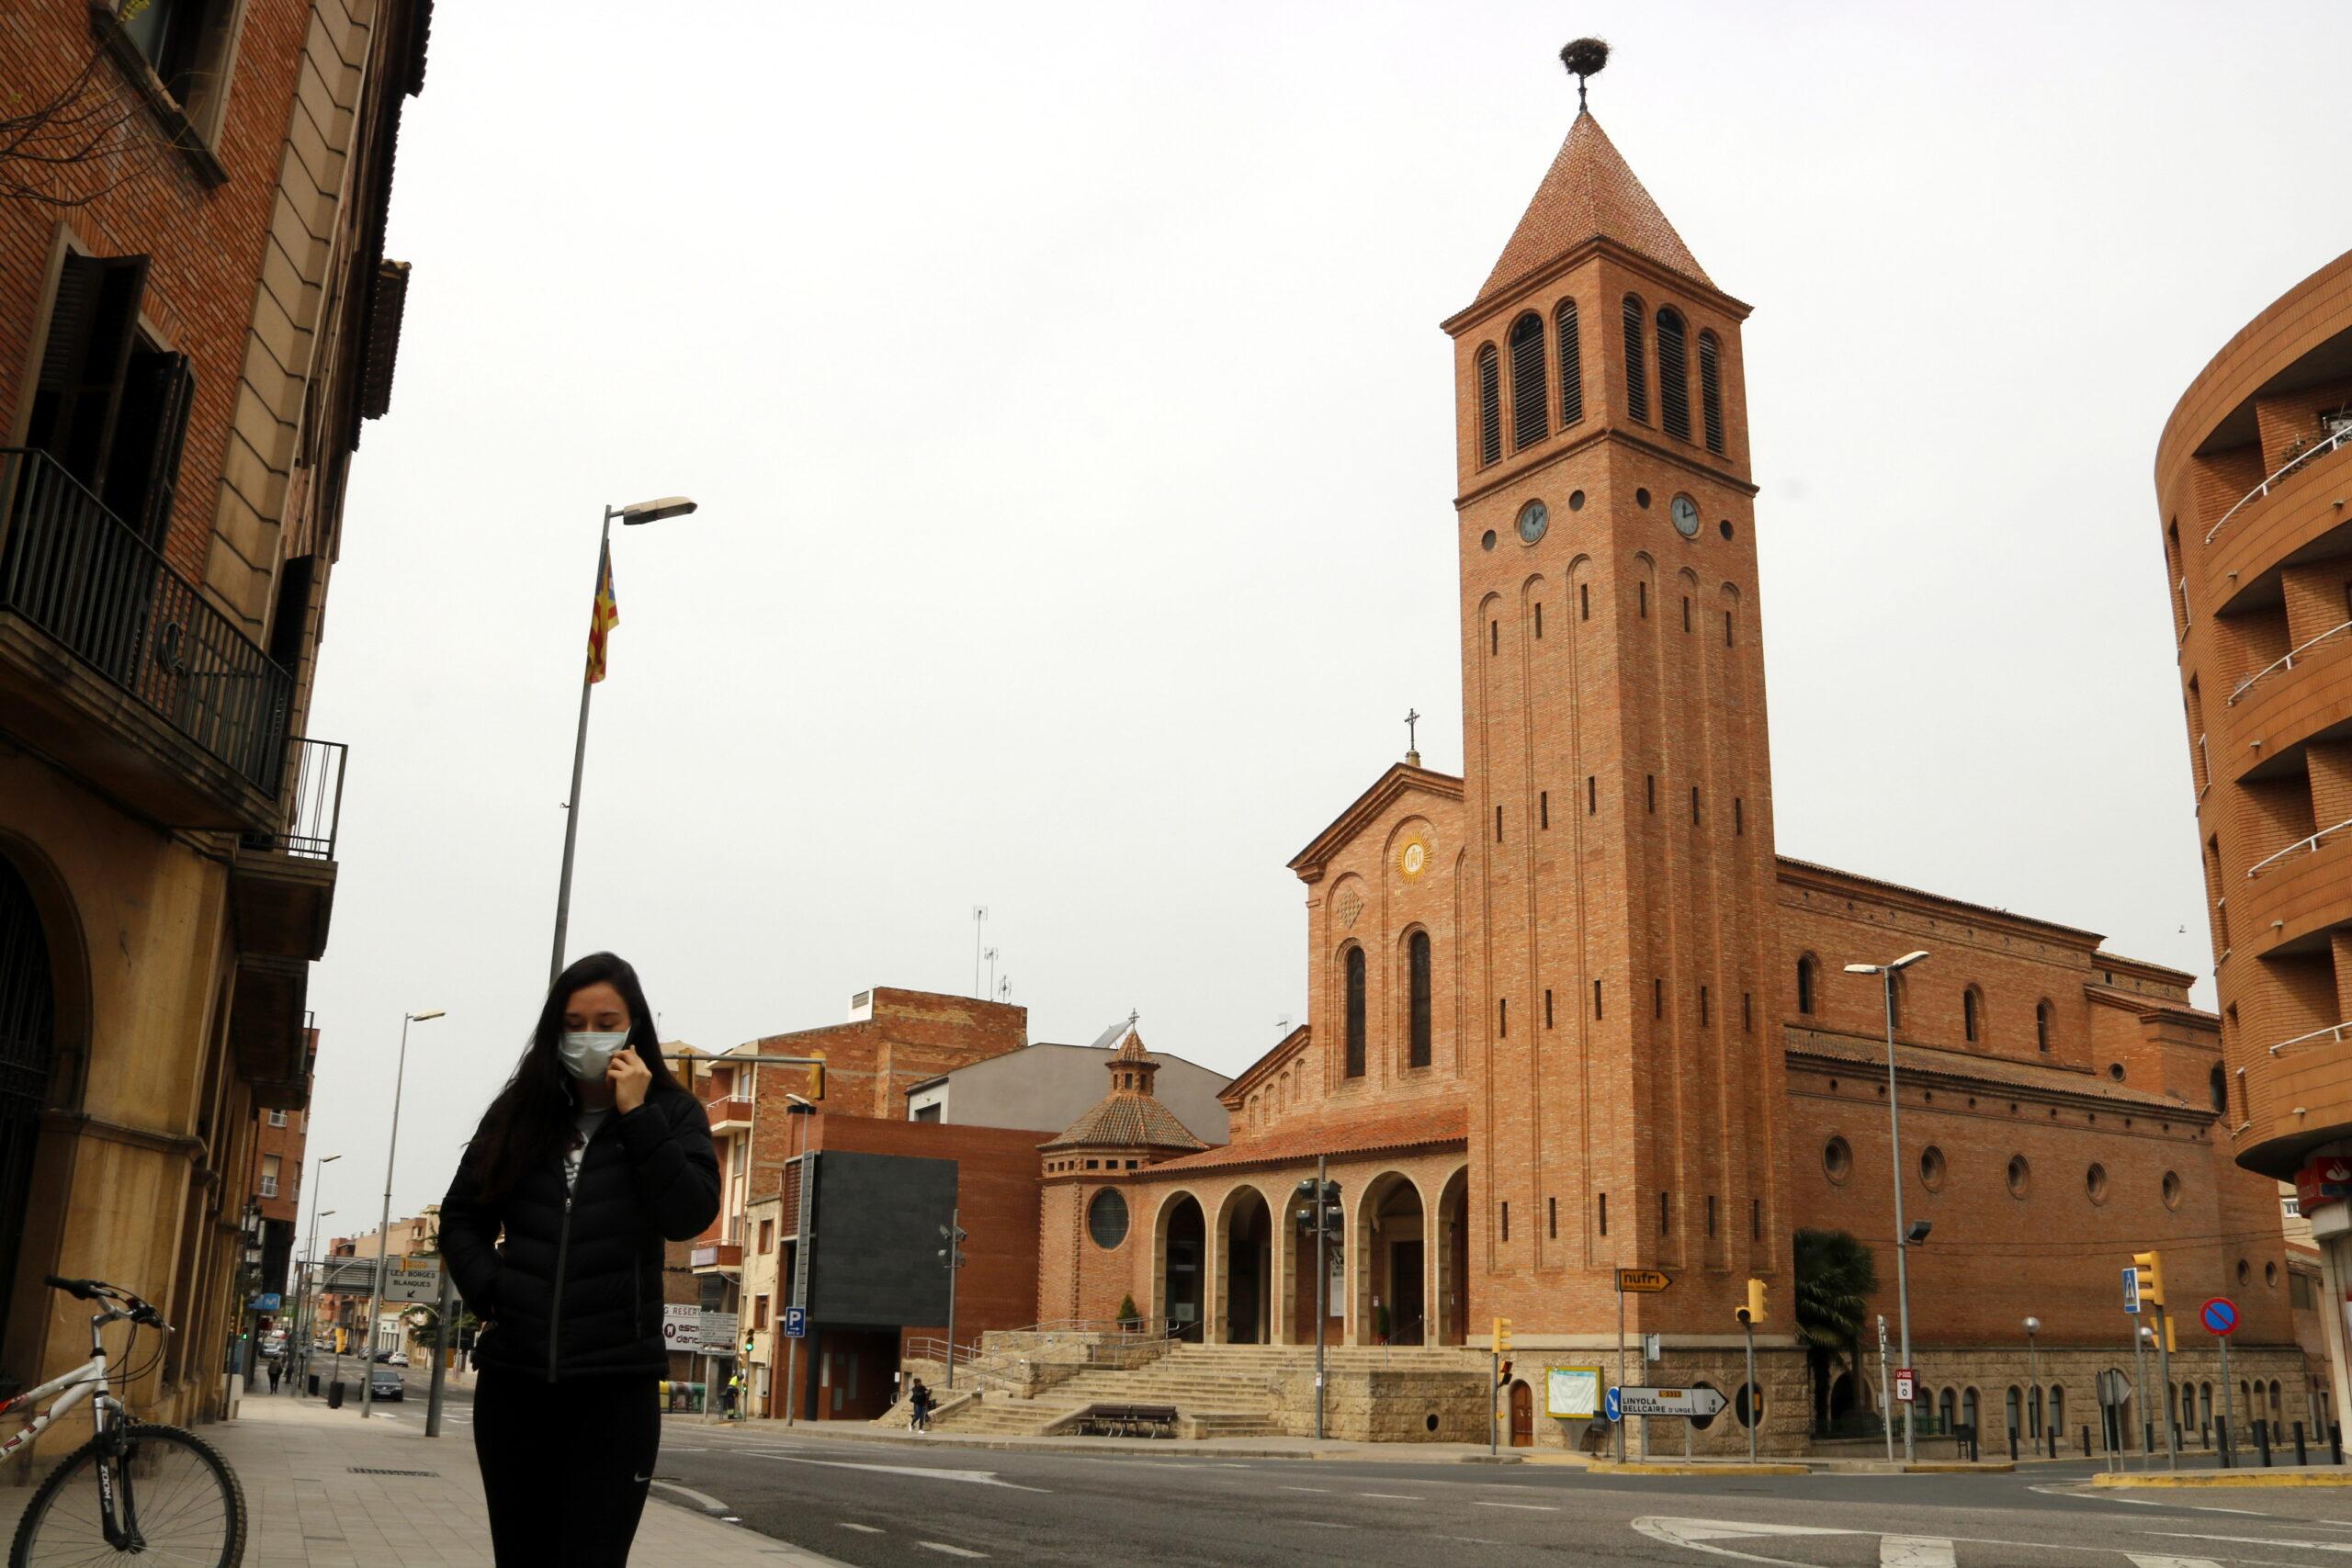 Pla general on es pot veure el campanar de la parròquia de Sant Jaume de Mollerussa i una noia caminant pel carrer amb mascareta per evitar contagis del coronavirus, el 18 de març de 2020. (Horitzontal)